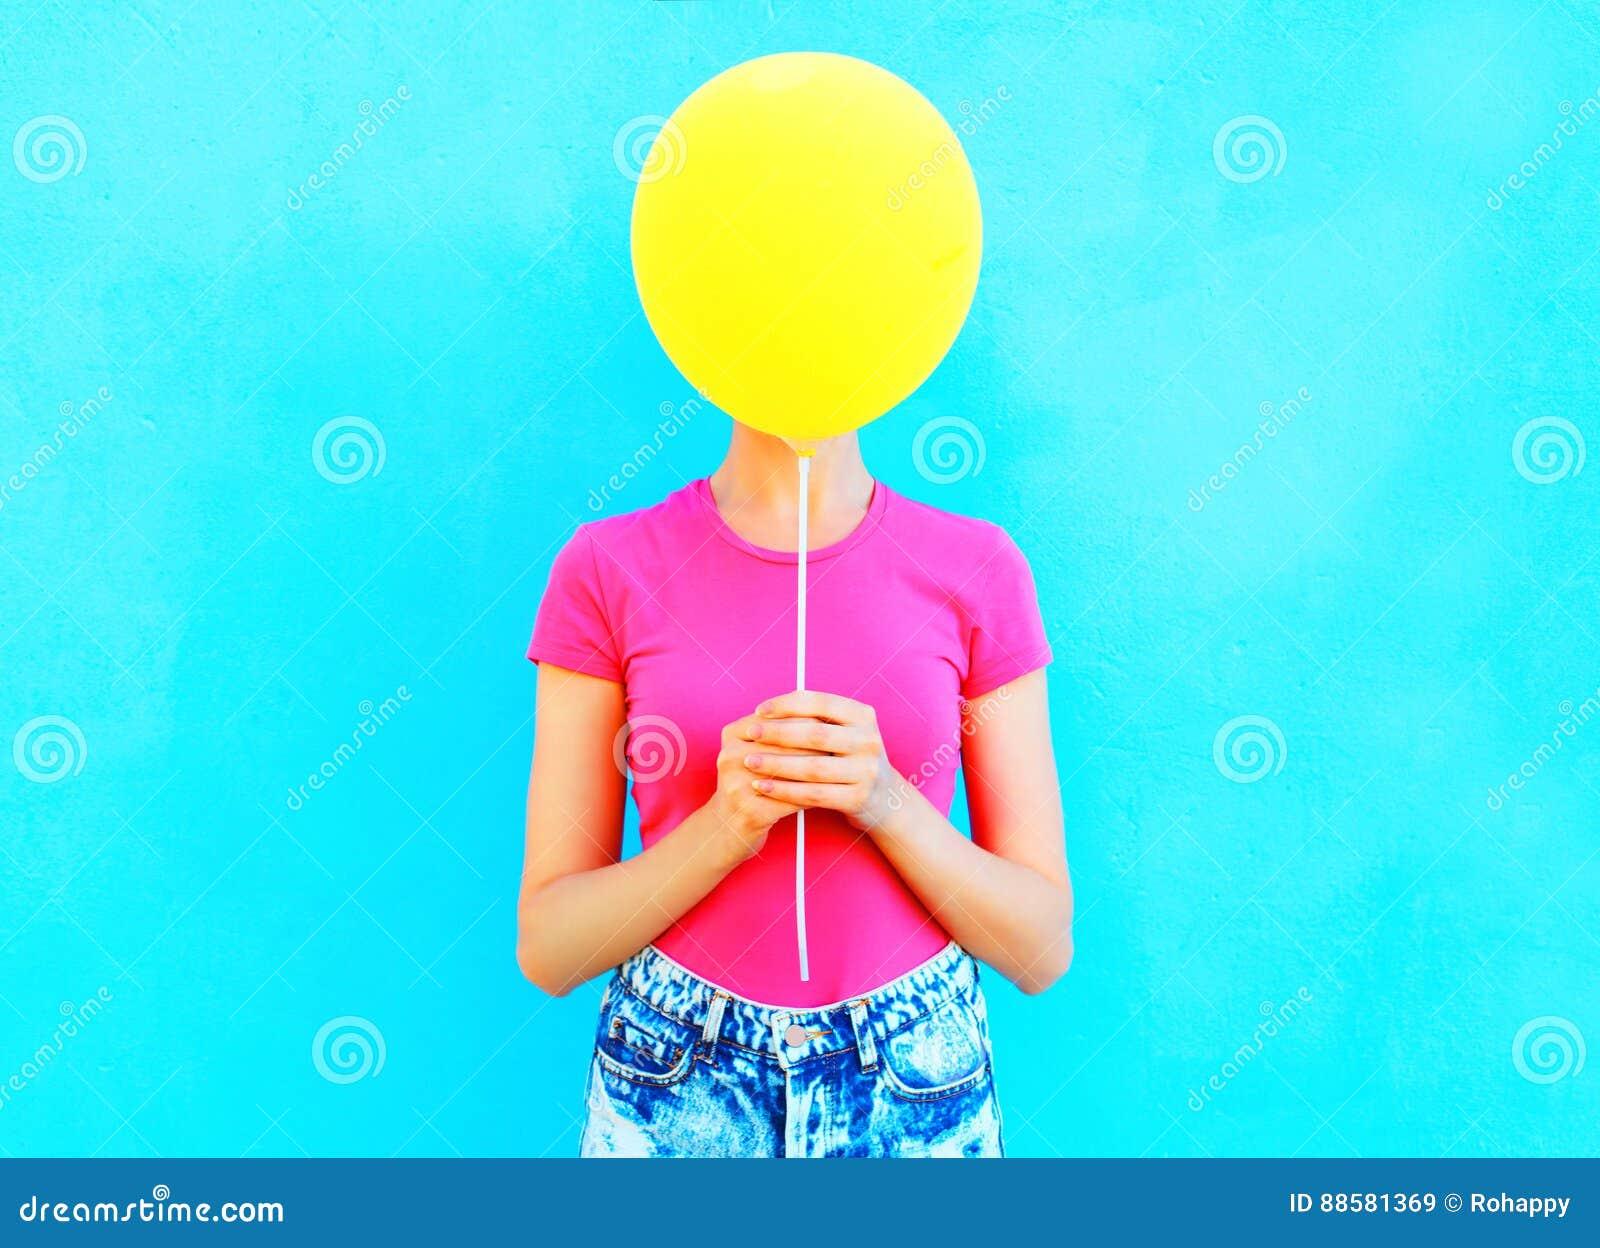 Ballon à air jaune de dissimulation de visage de femme olorful de ¡ de Ð ayant l amusement au-dessus du bleu